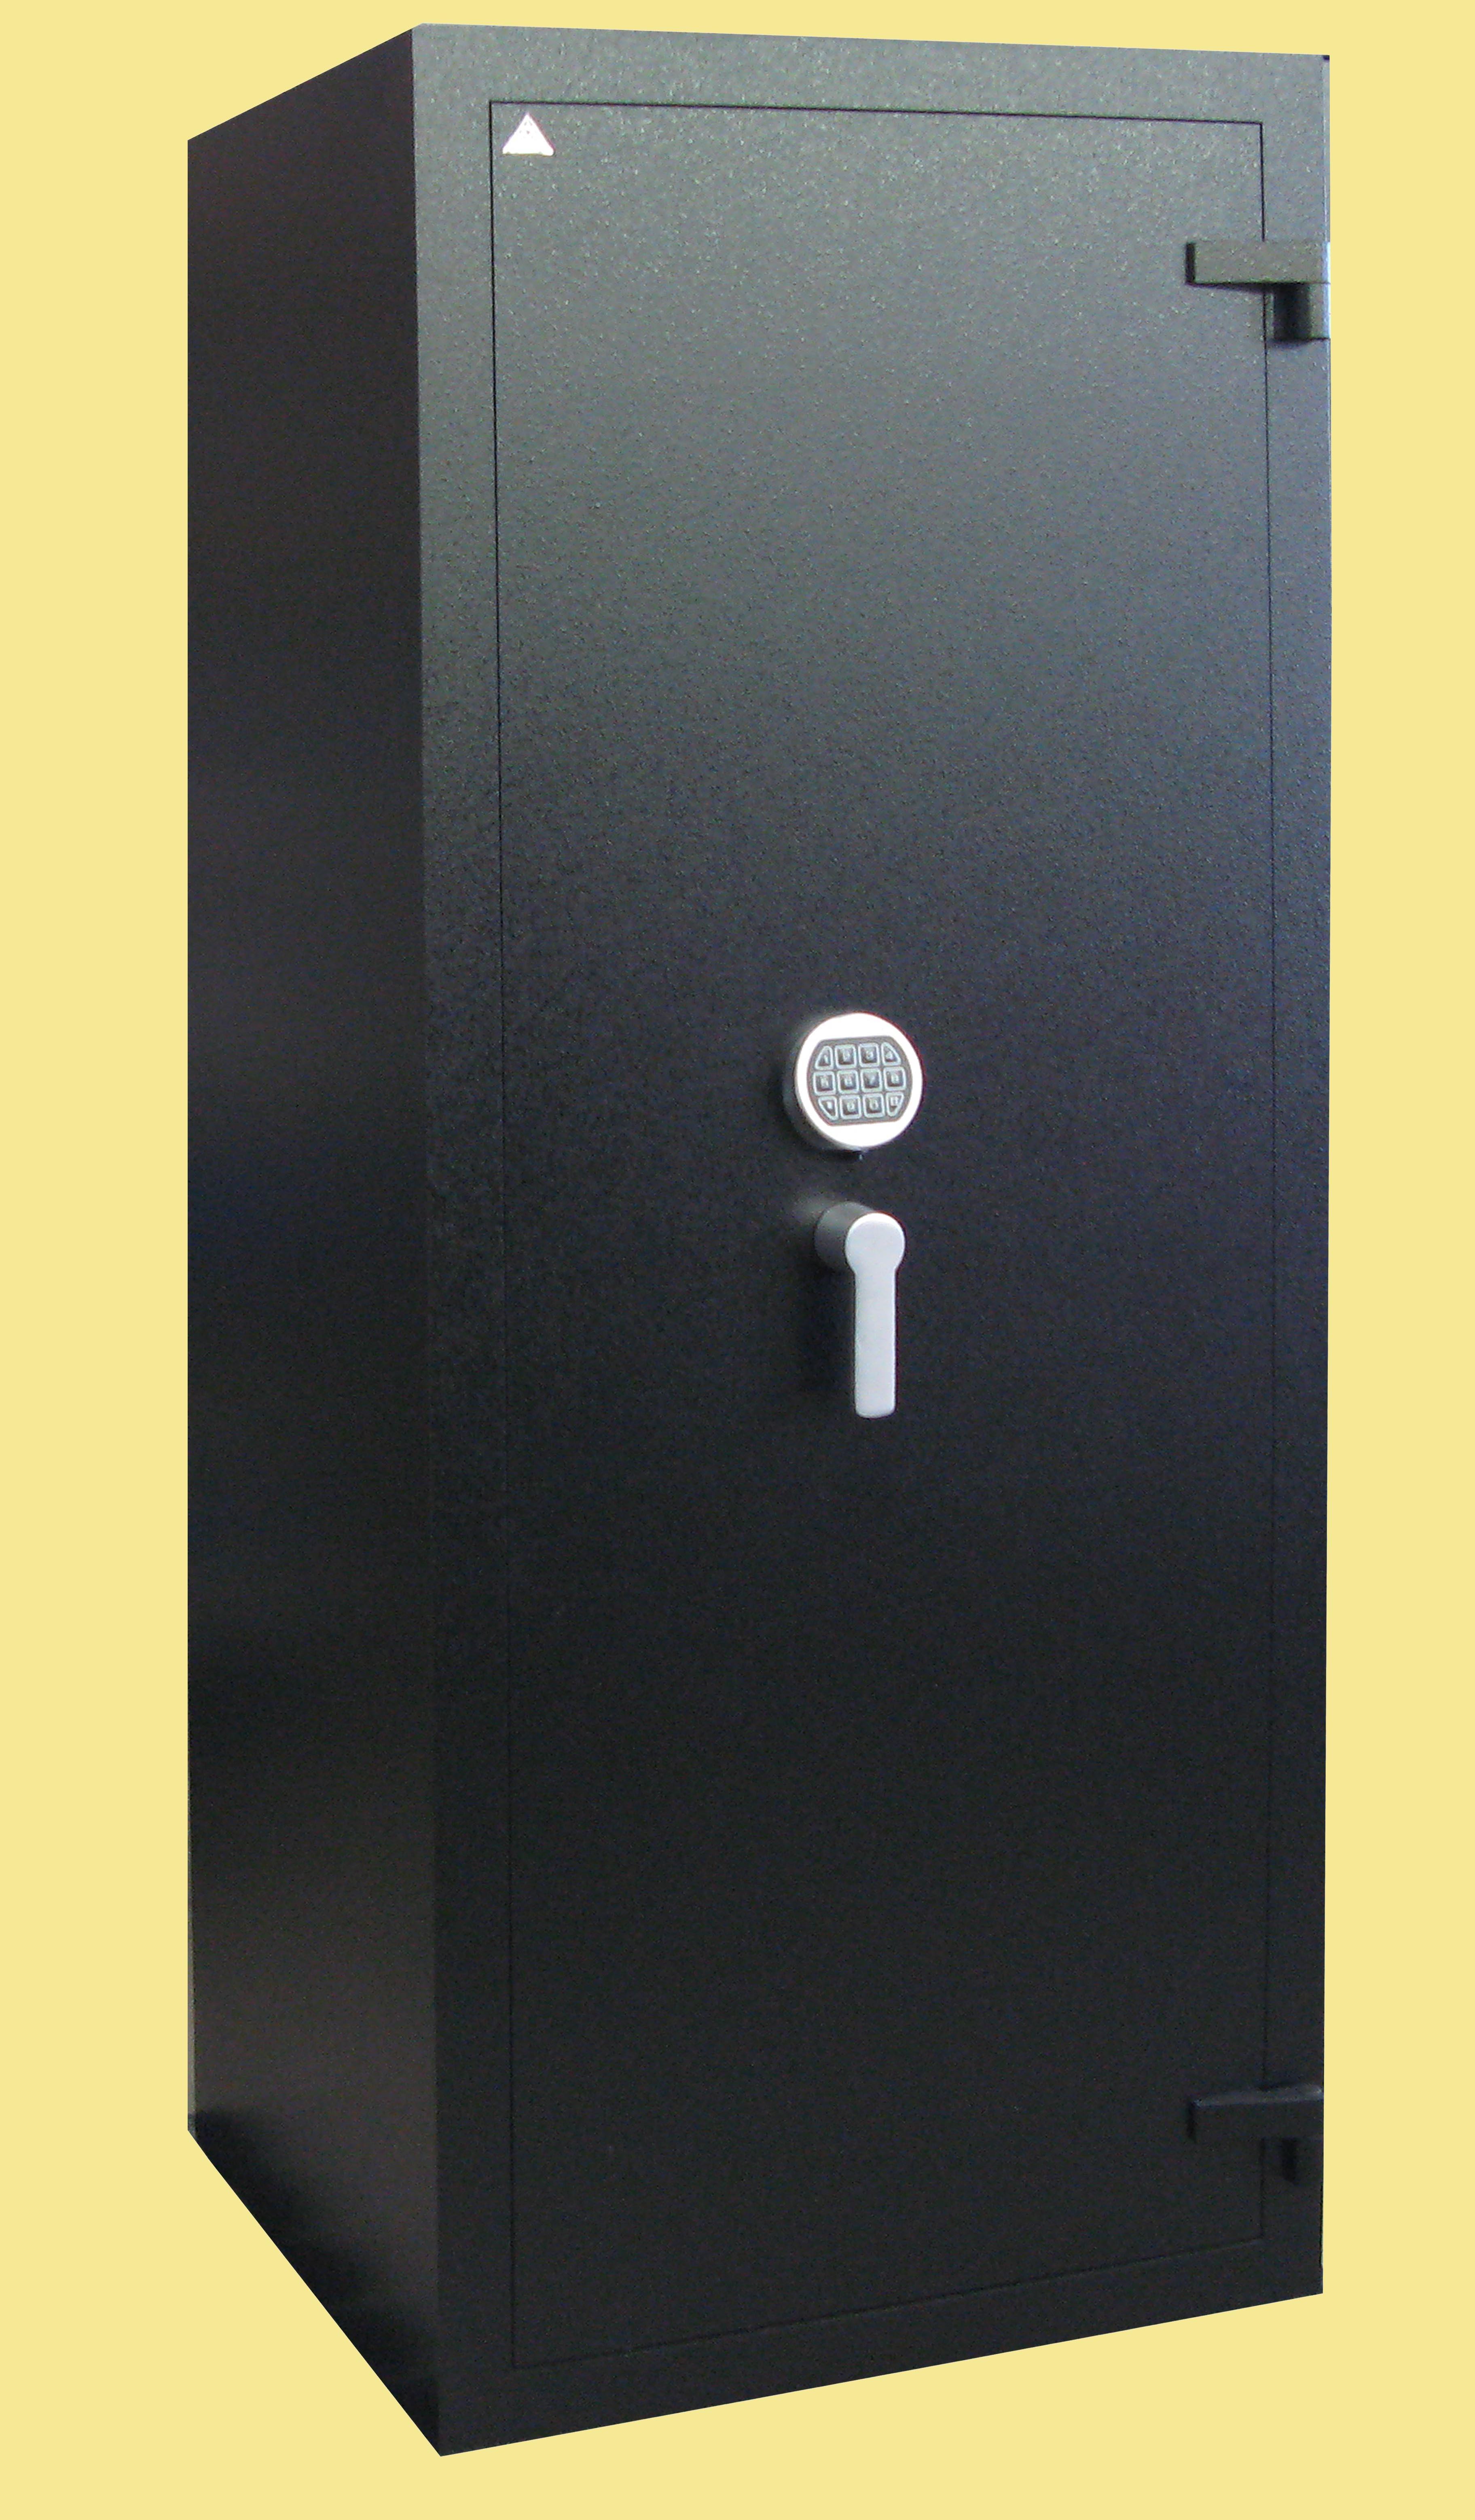 T-safe NT 24